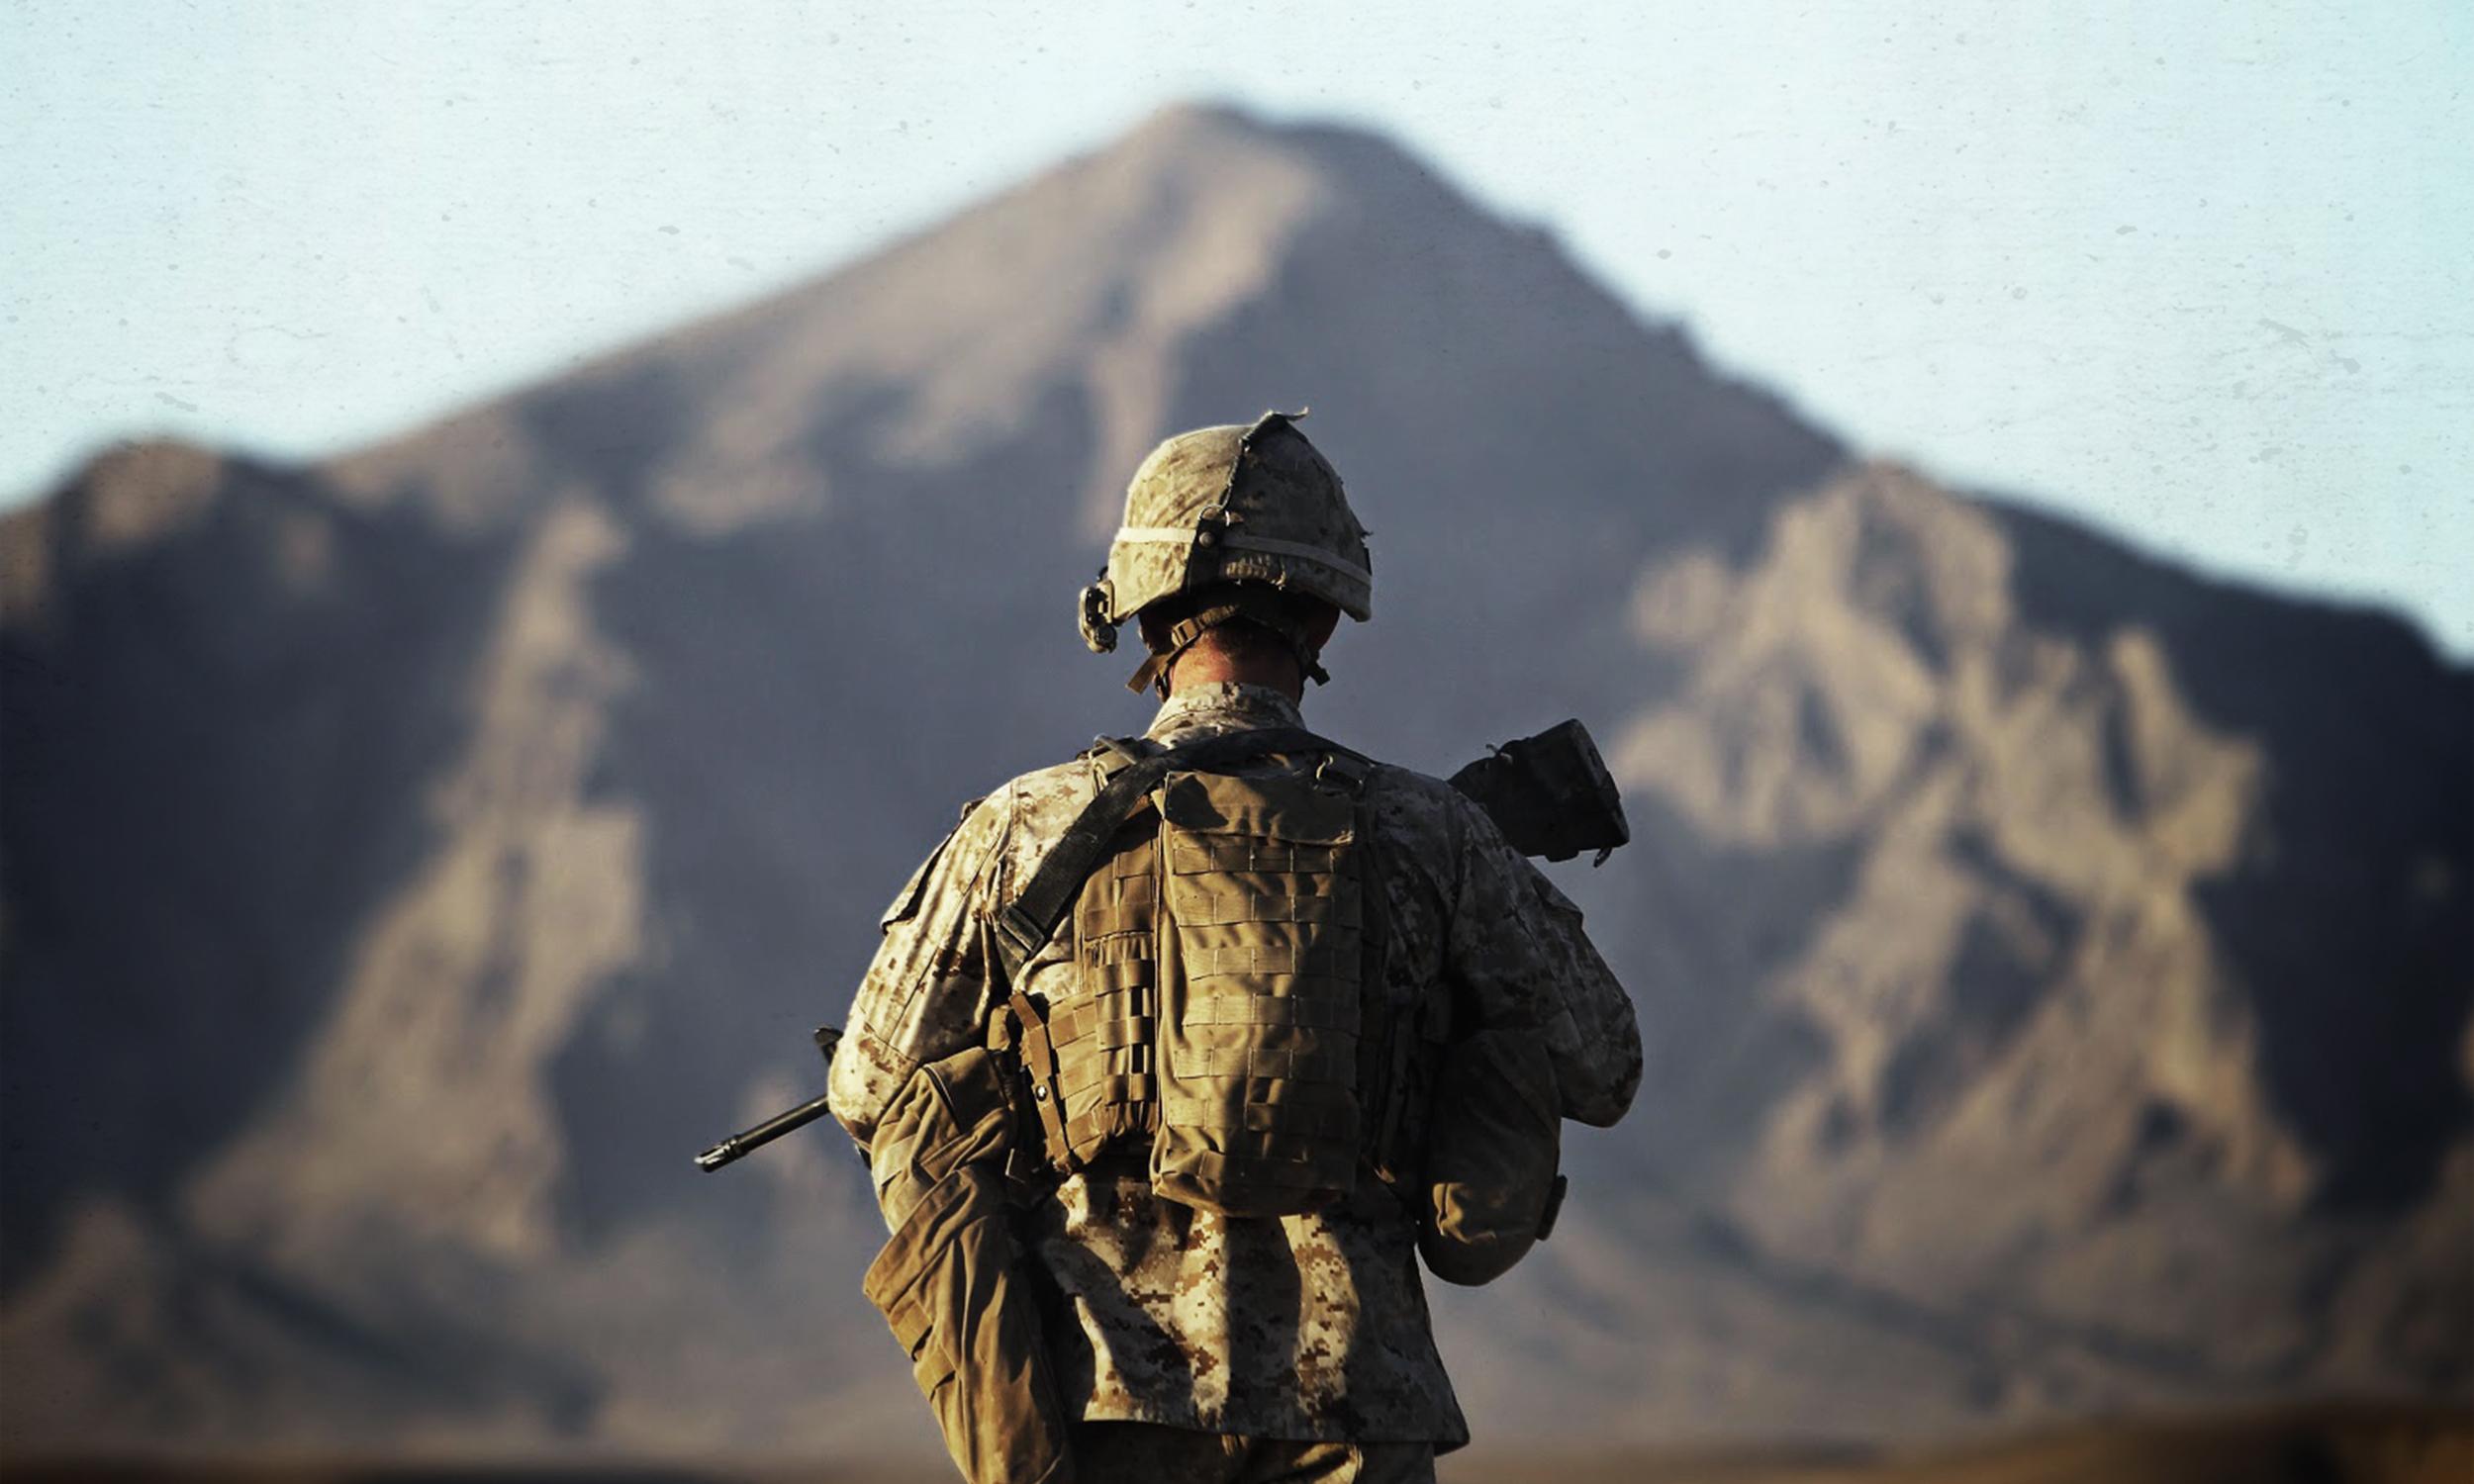 TheLionsJaw_Soldier.jpg